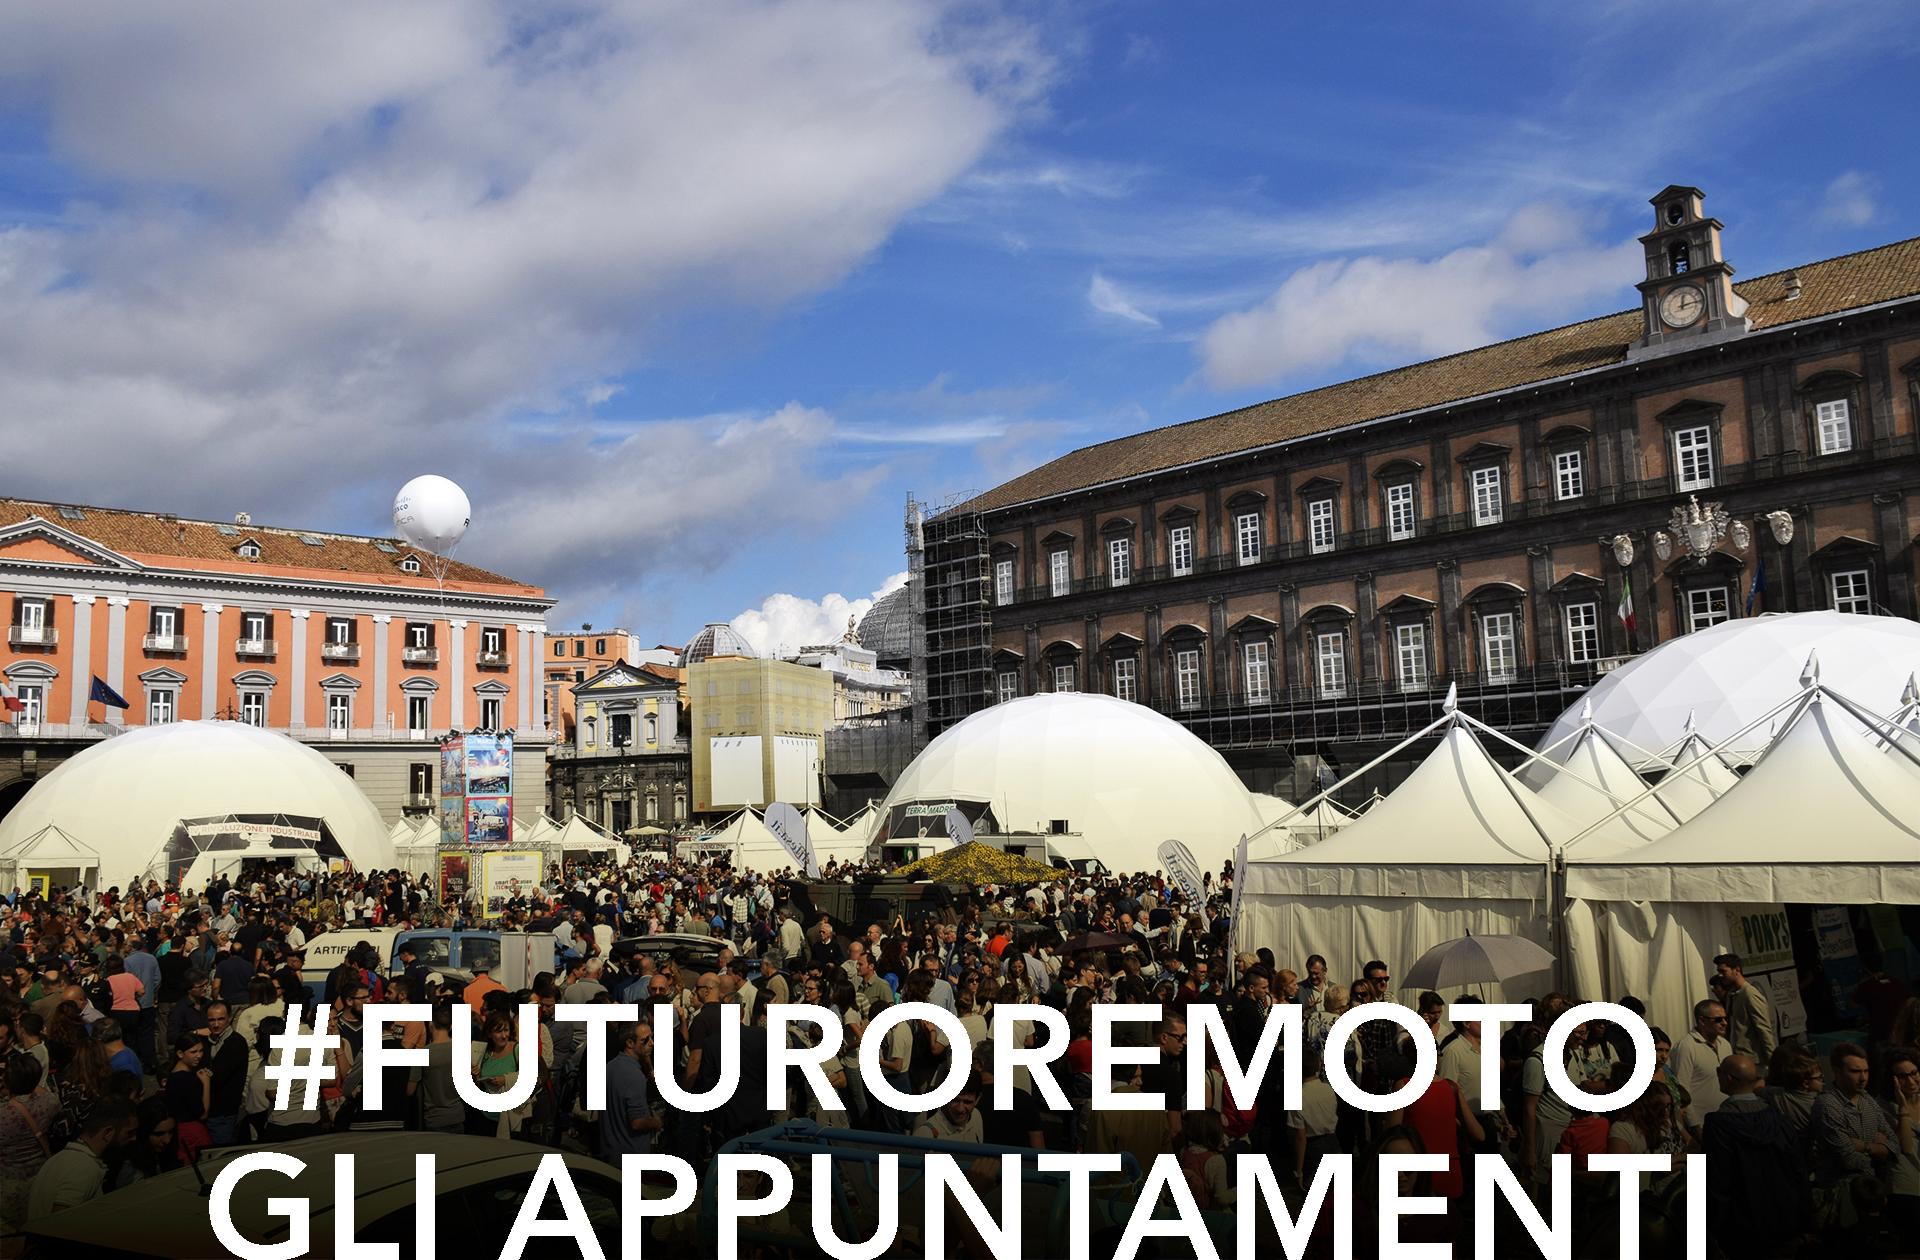 FUTUROREMOTO_GLI_APPUNTAMENTI_1920_x_1260_(px)